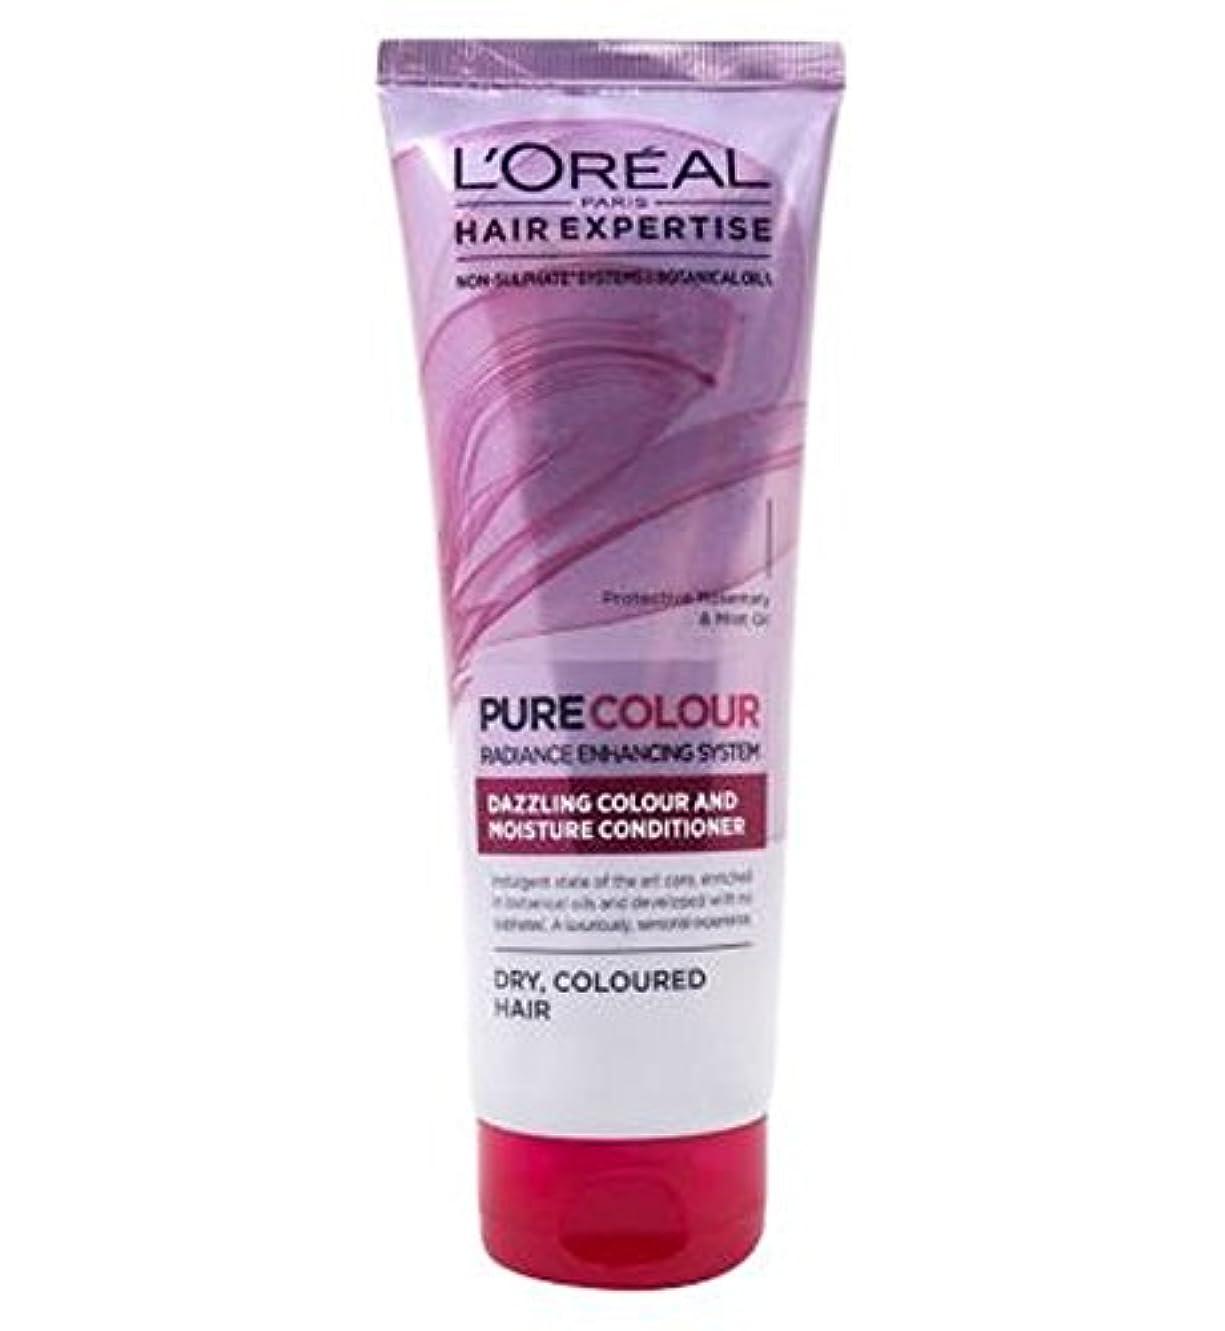 青写真長さ反射ロレアルパリの髪の専門知識の超純粋なカラーケア&水分コンディショナー250Ml (L'Oreal) (x2) - L'Oreal Paris Hair Expertise SuperPure Colour Care & Moisture Conditioner 250ml (Pack of 2) [並行輸入品]